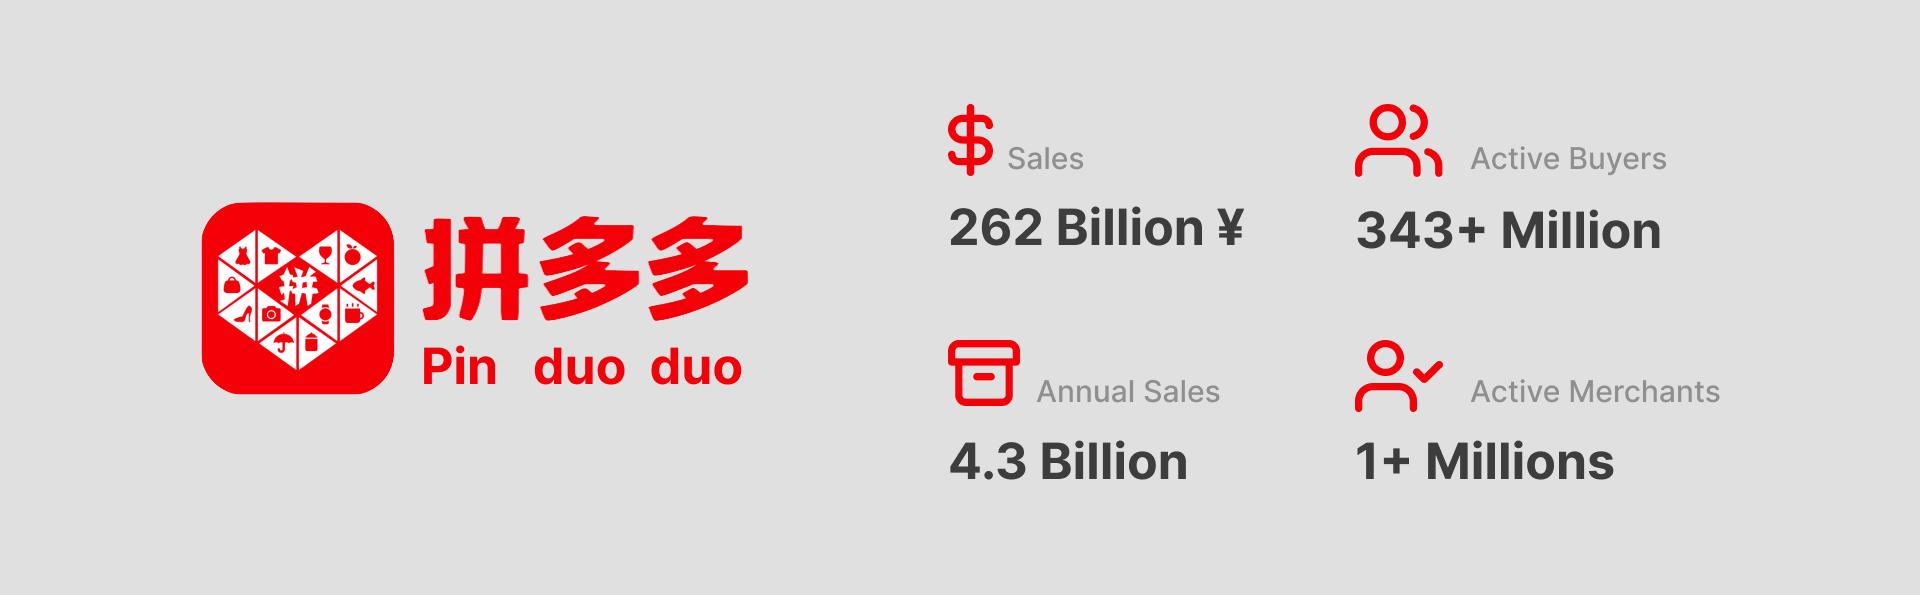 Pinduoduo social commerce app